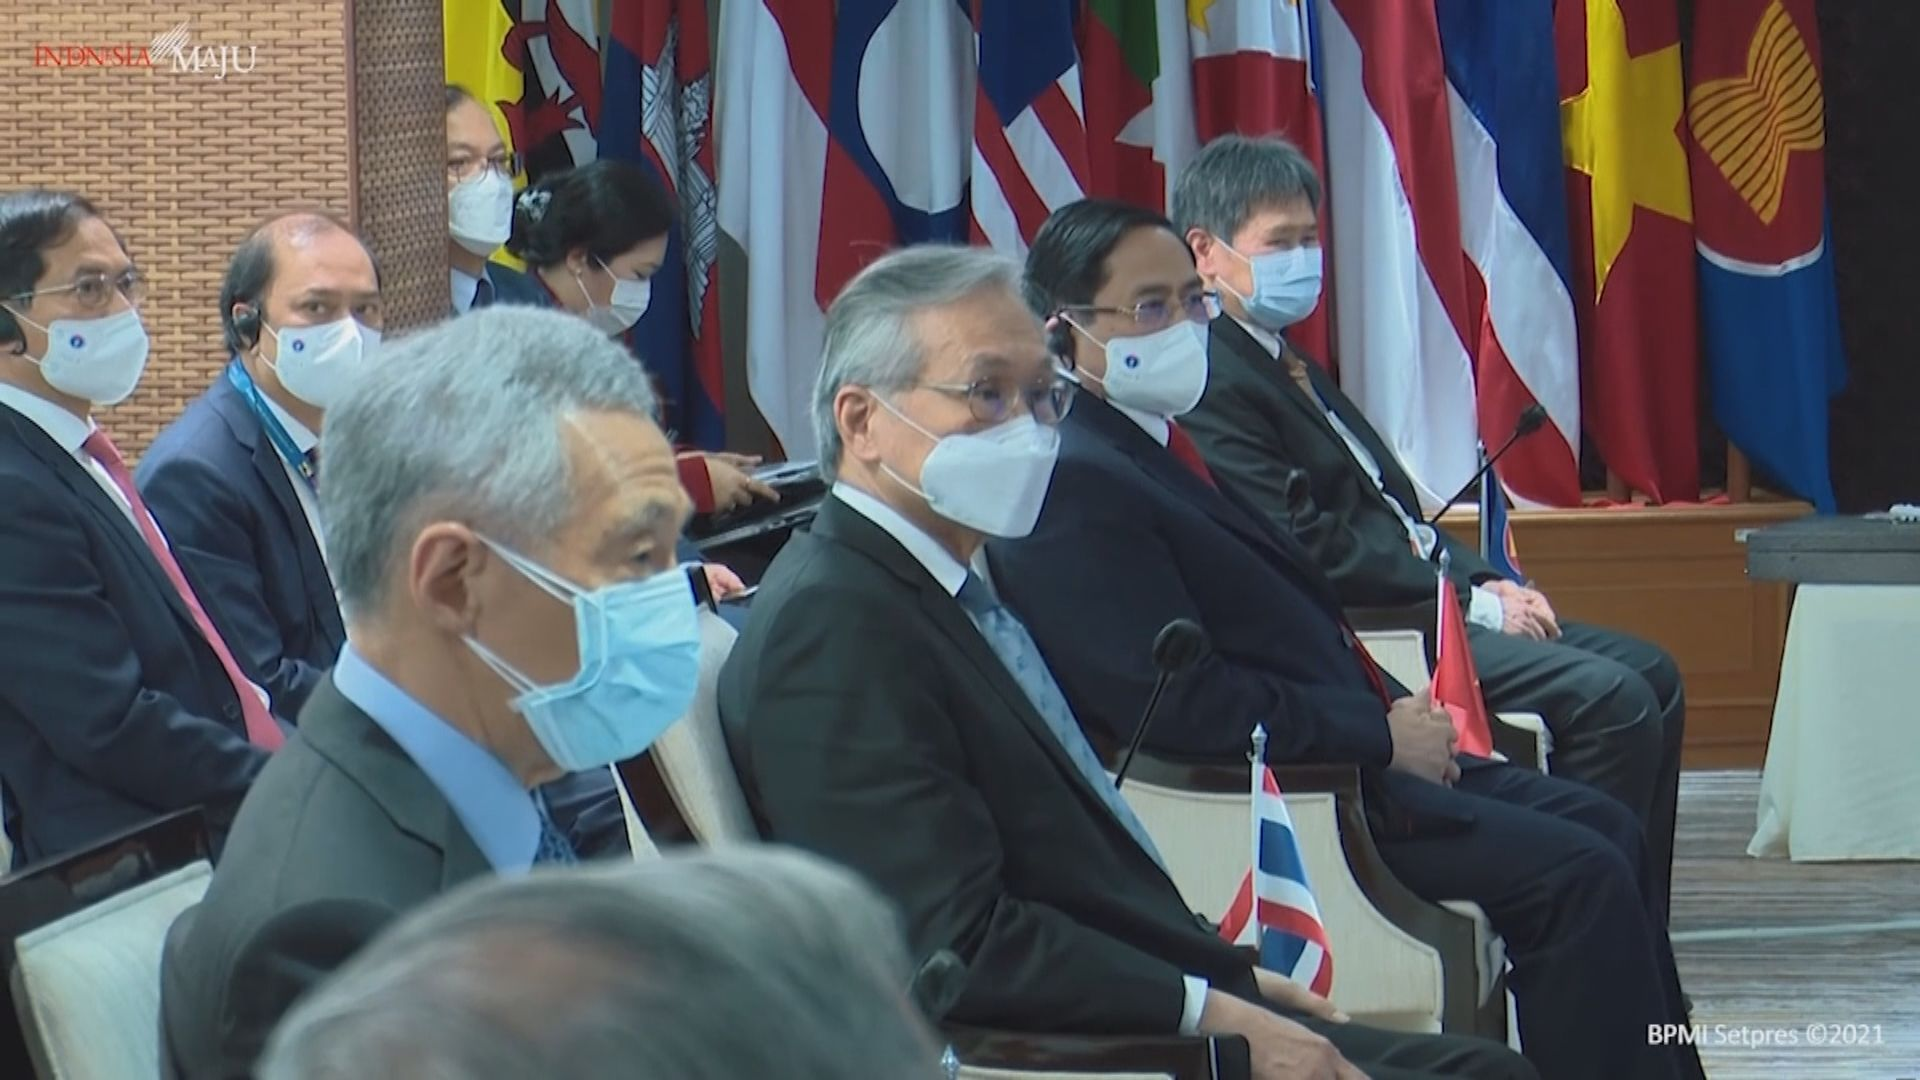 東盟邀緬甸非政治代表出席峰會 意味敏昂萊不能參與